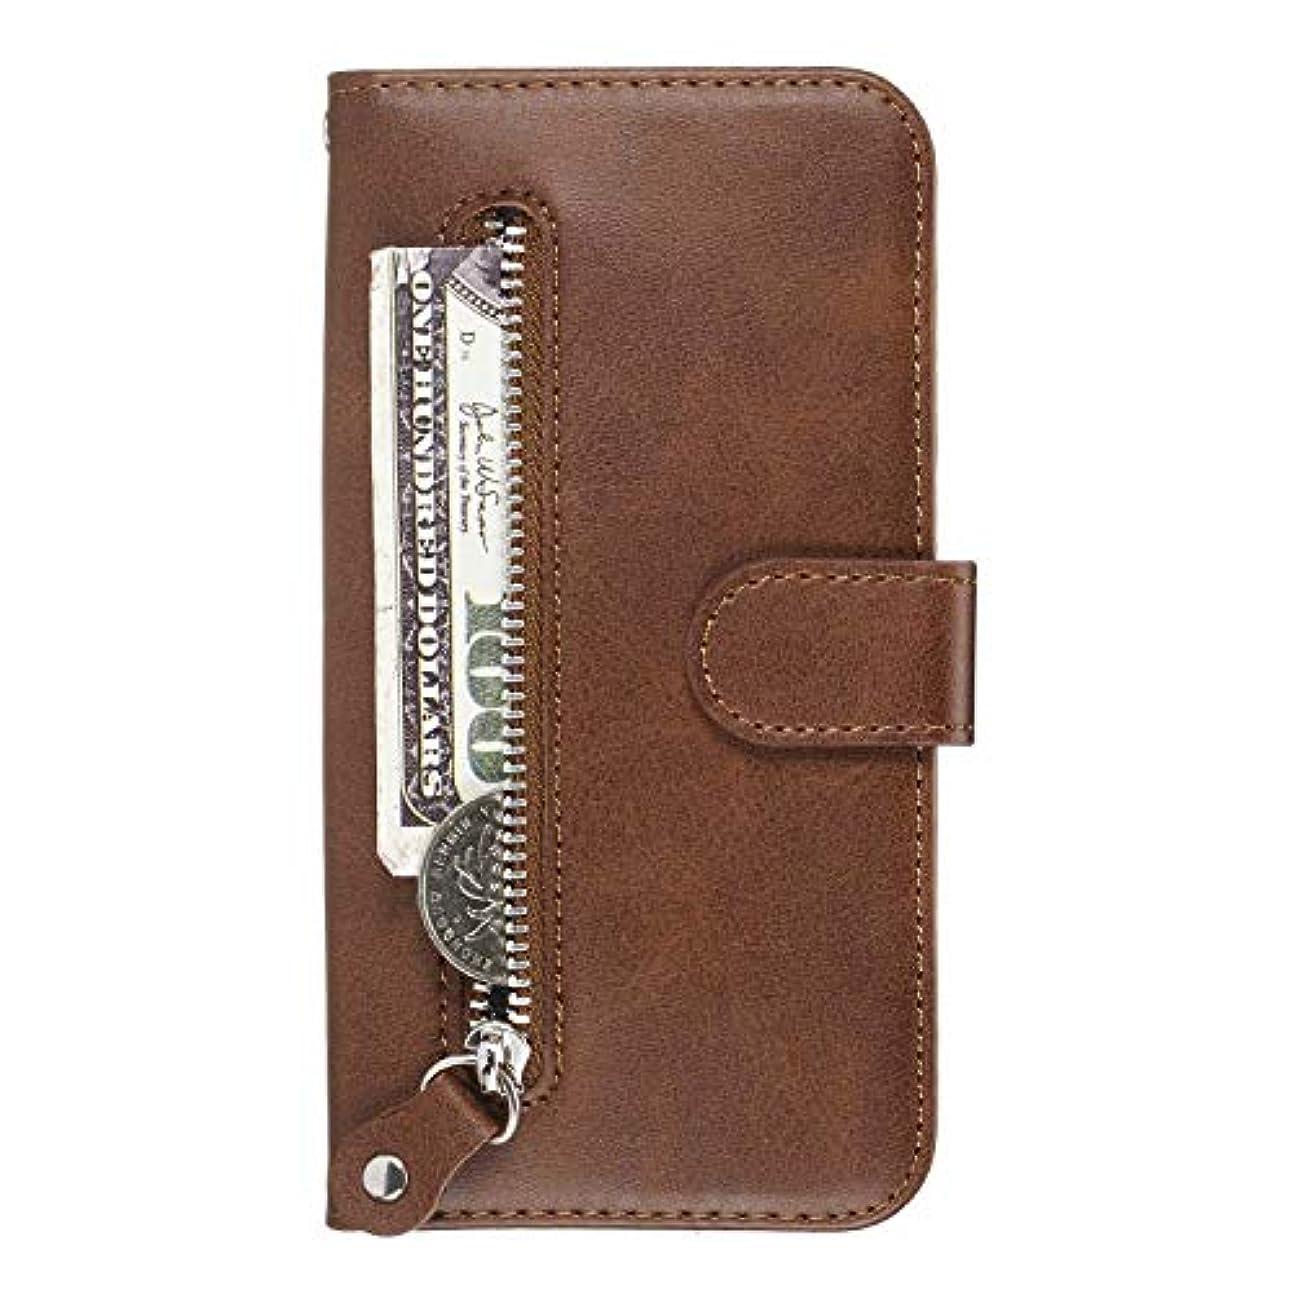 どこでもつかいます金曜日OMATENTI iPhone XR ケース, 軽量 PUレザー 薄型 簡約風 人気カバー バックケース iPhone XR 用 Case Cover, 液晶保護 カード収納, 財布とコインポケット付き, 褐色